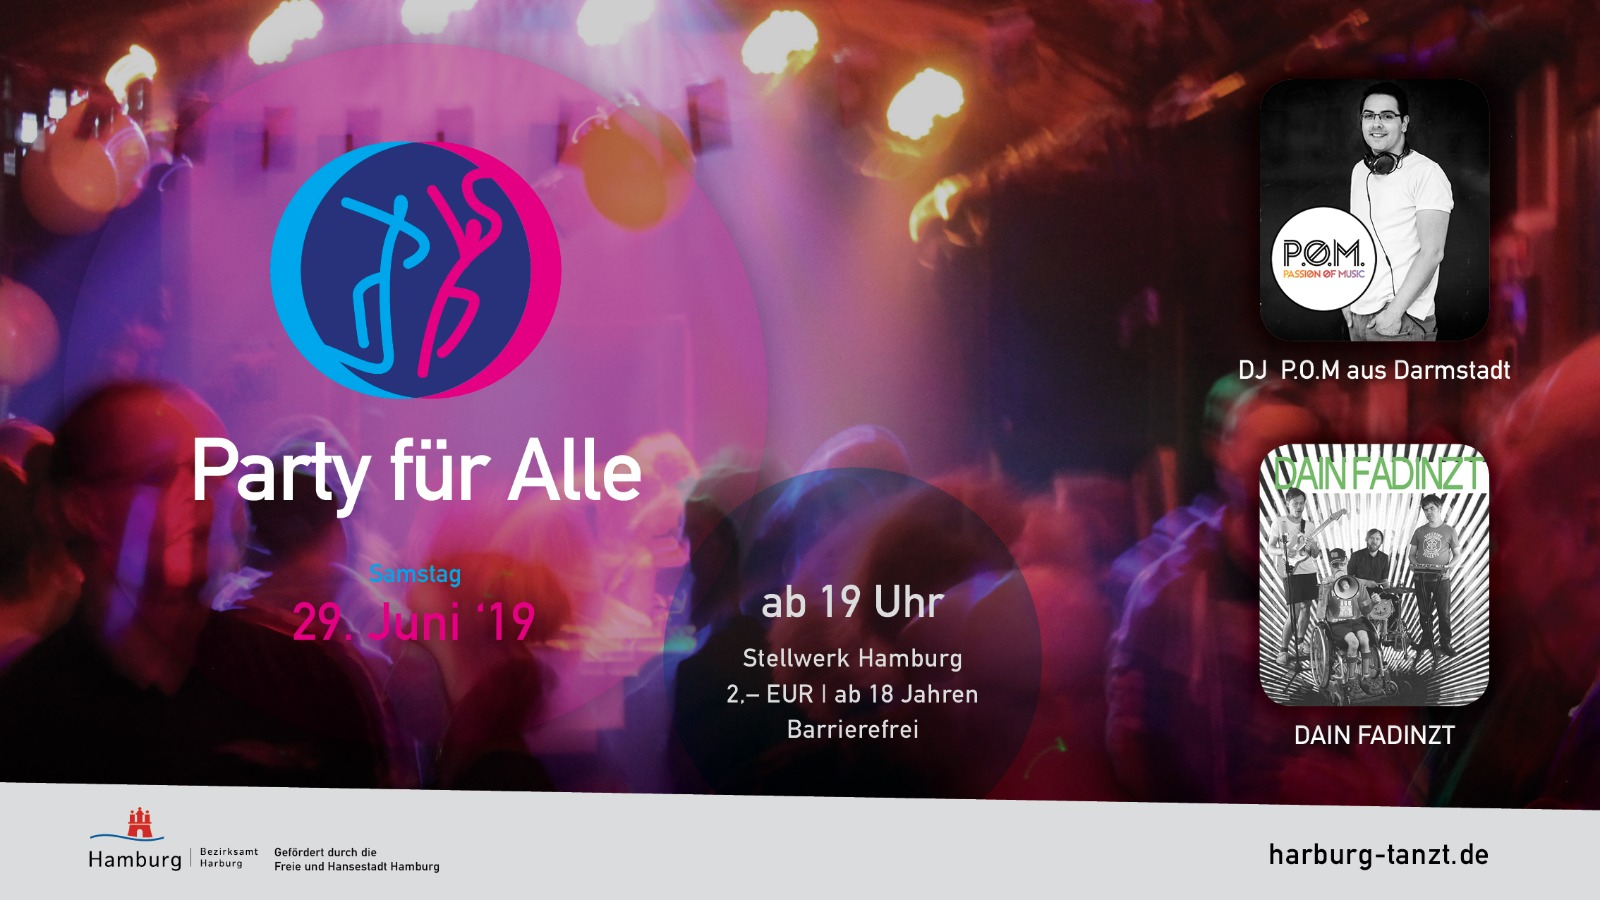 Party für Alle im Juni 2019